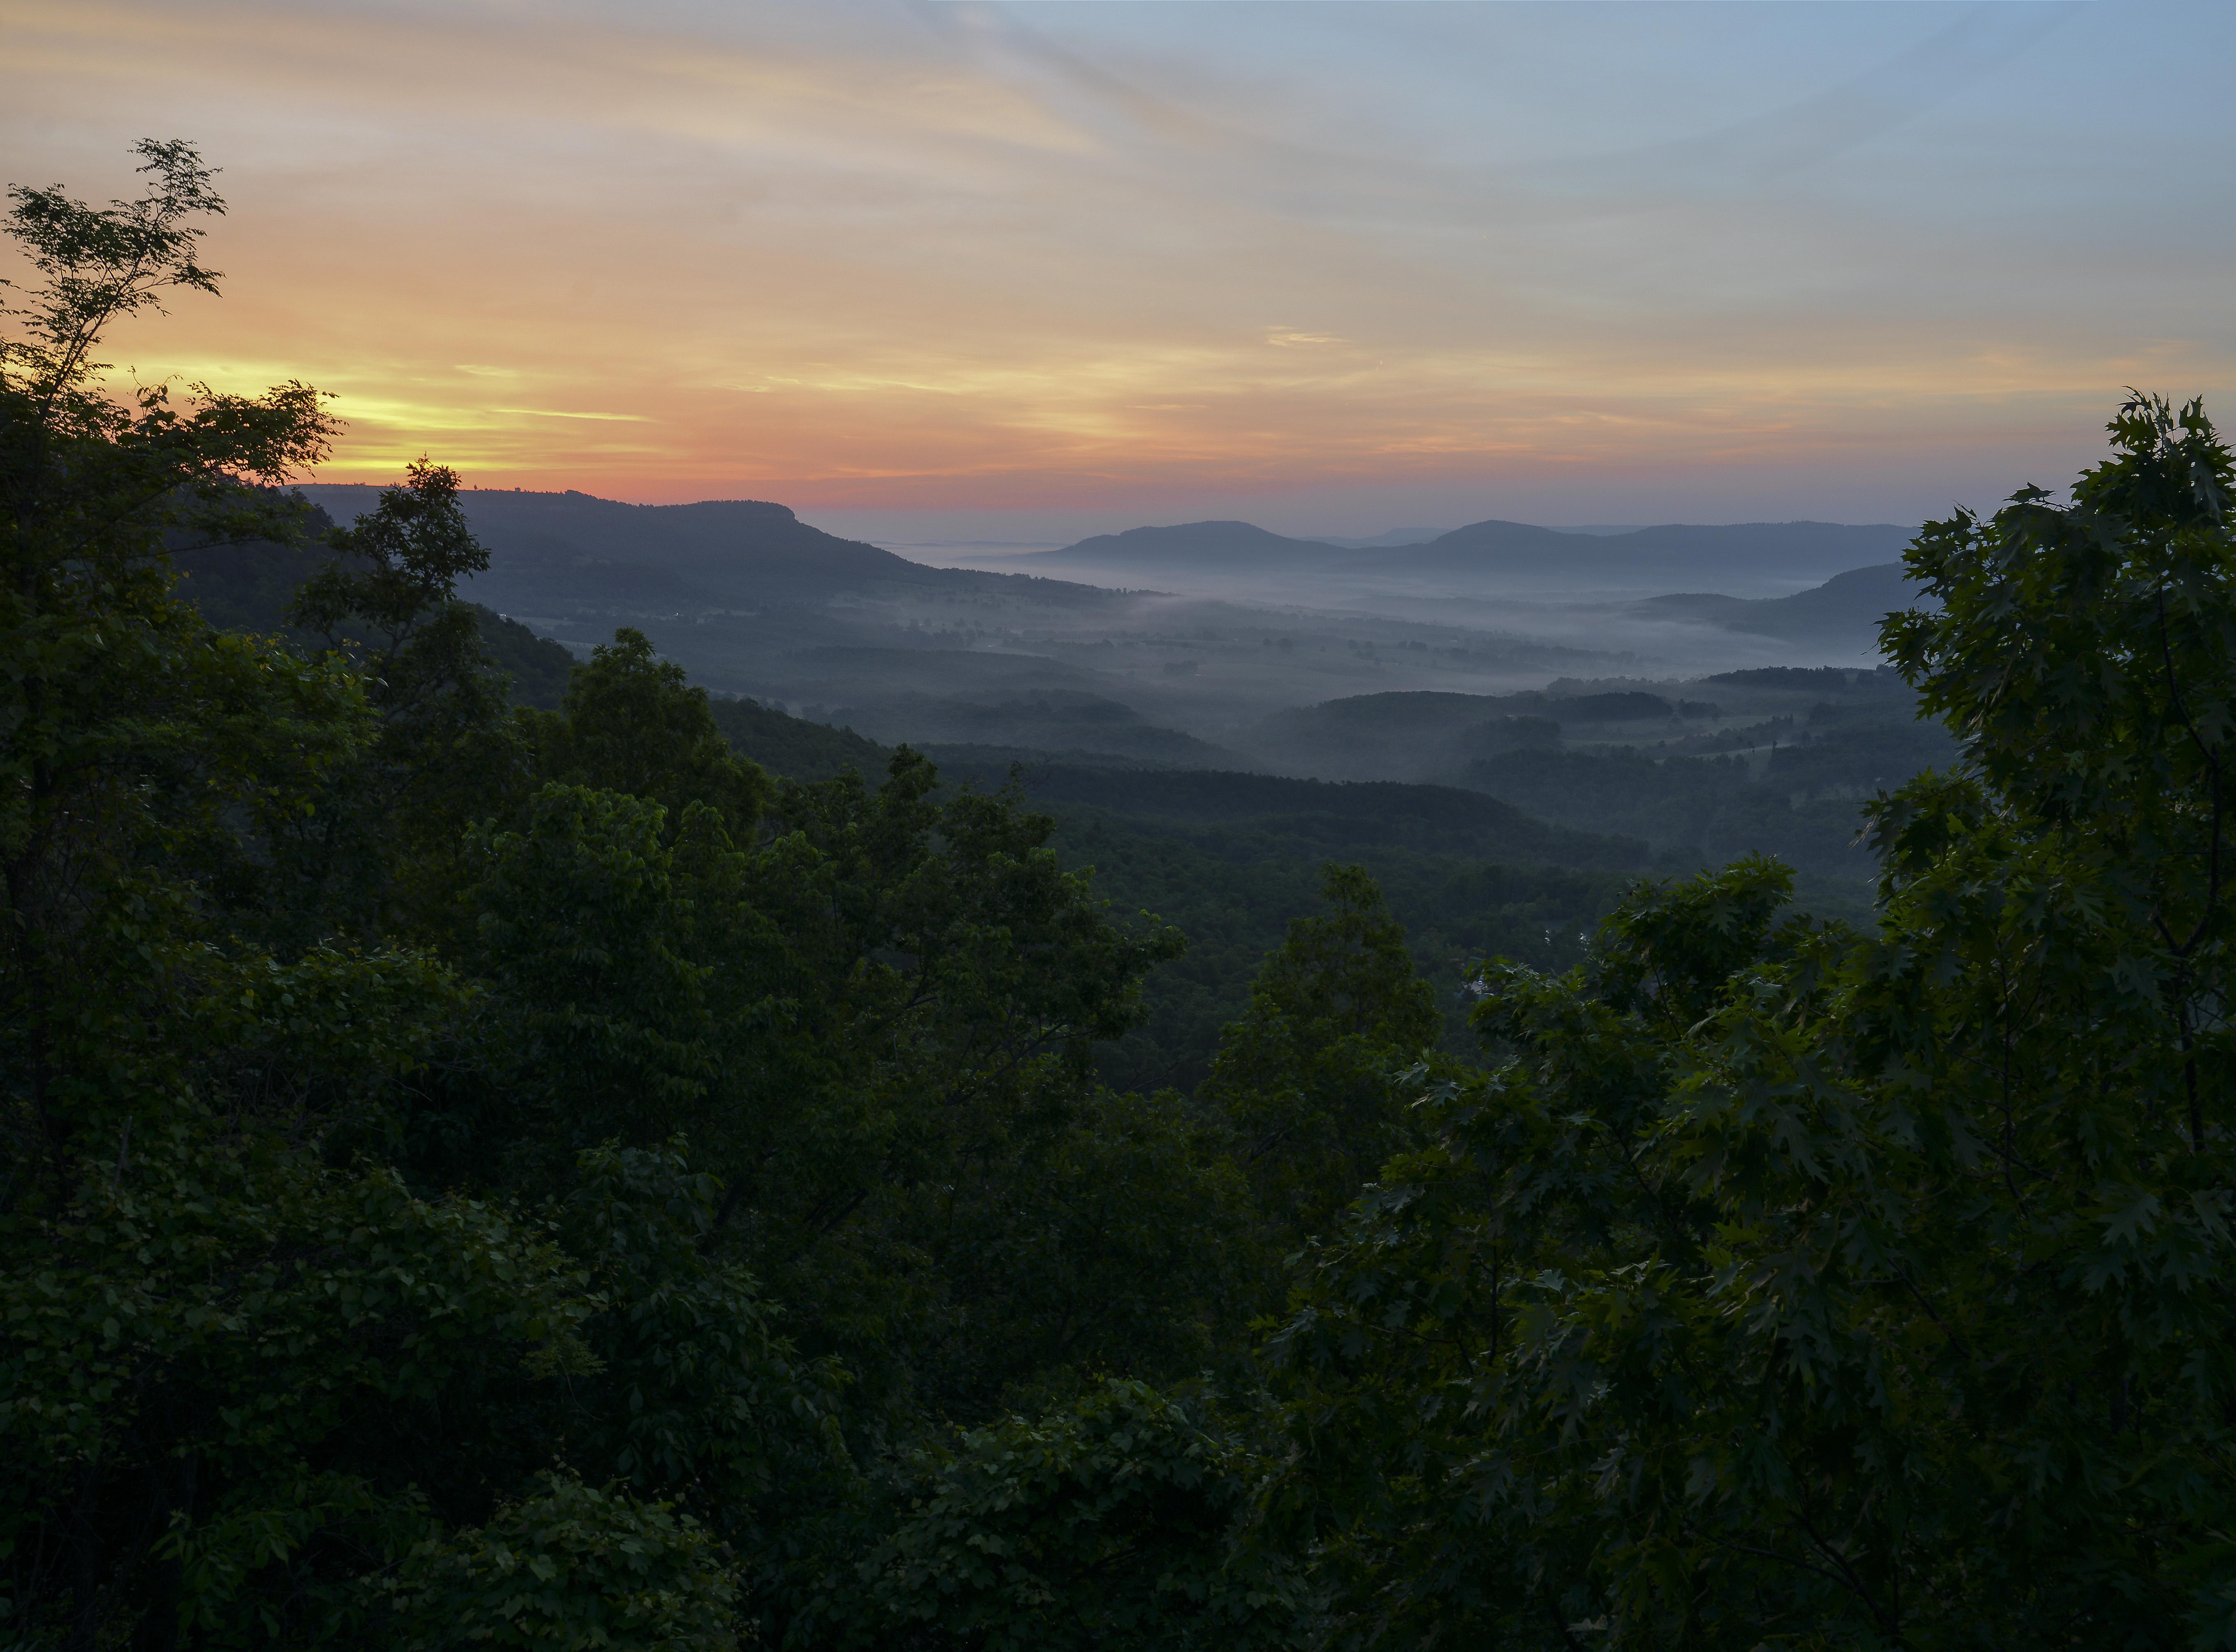 145433 Hintergrundbild herunterladen Landschaft, Natur, Bäume, Mountains, Nebel, Dämmerung, Twilight - Bildschirmschoner und Bilder kostenlos